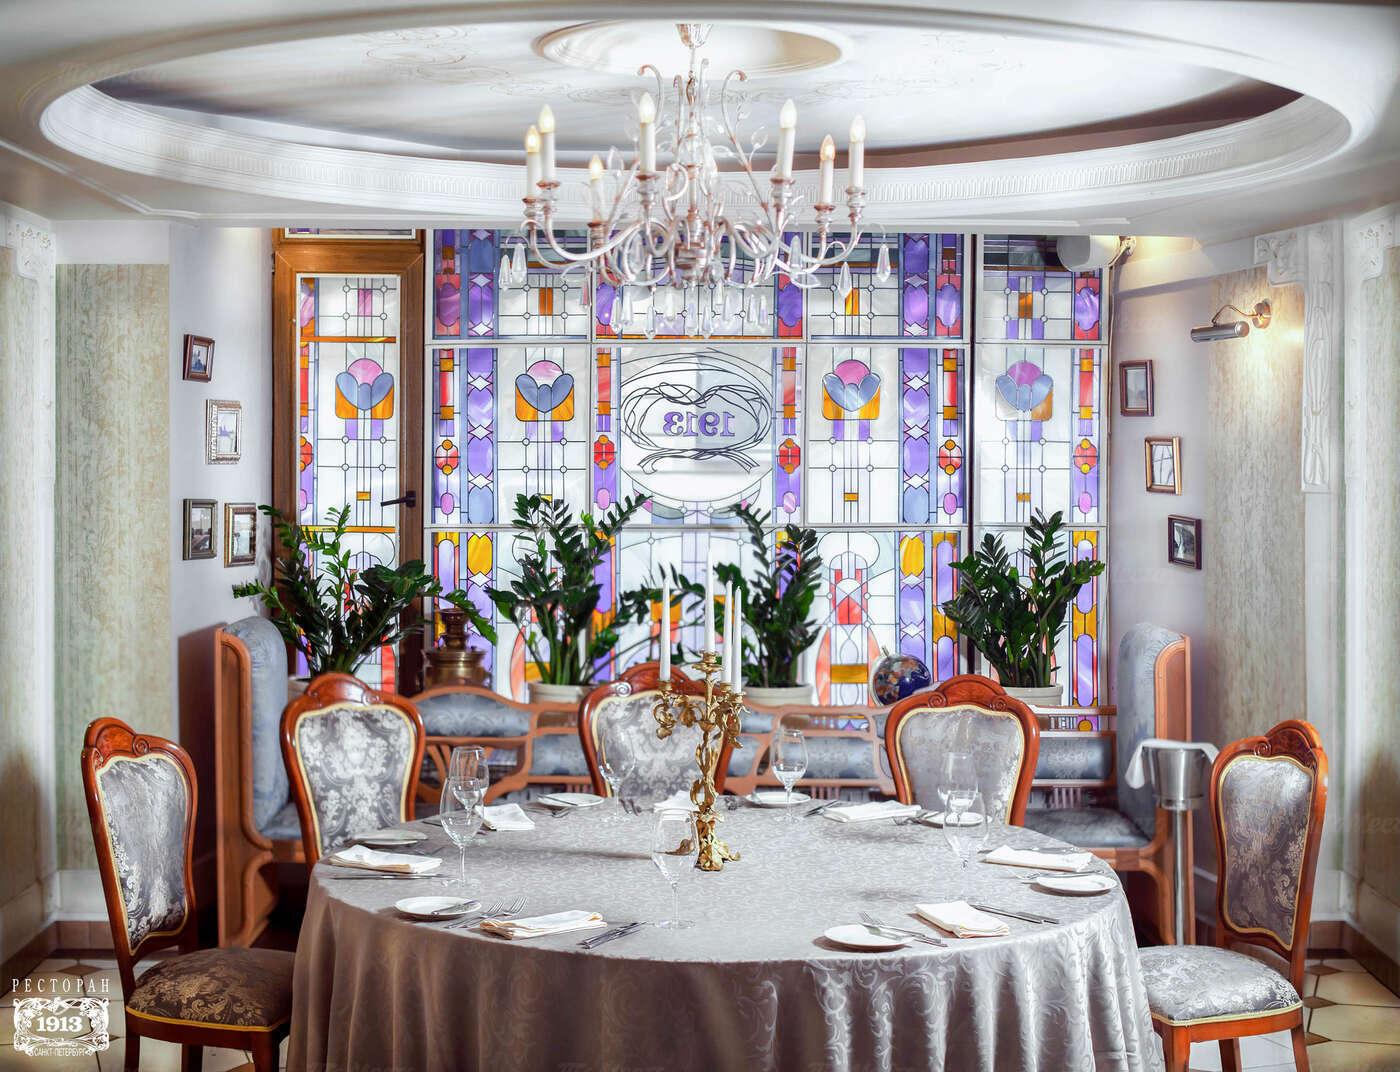 Ресторан 1913 год на Вознесенском проспекте фото 6